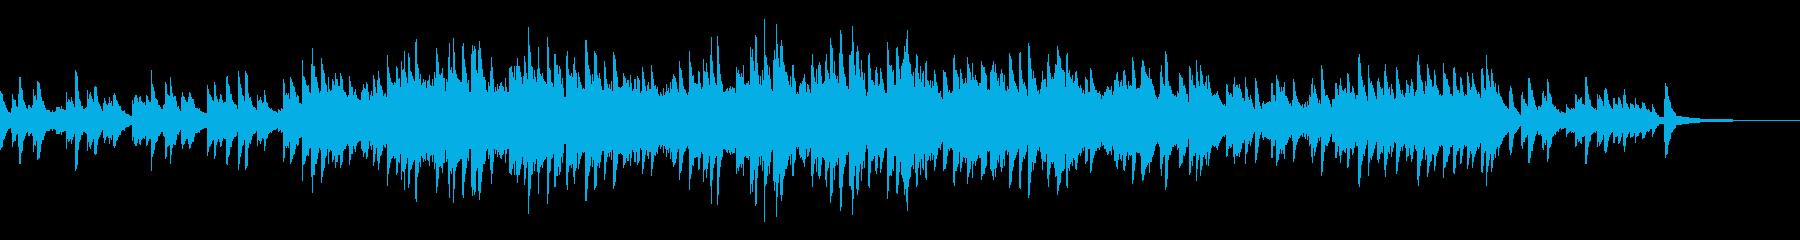 エンディングをイメージしたピアノソロの再生済みの波形